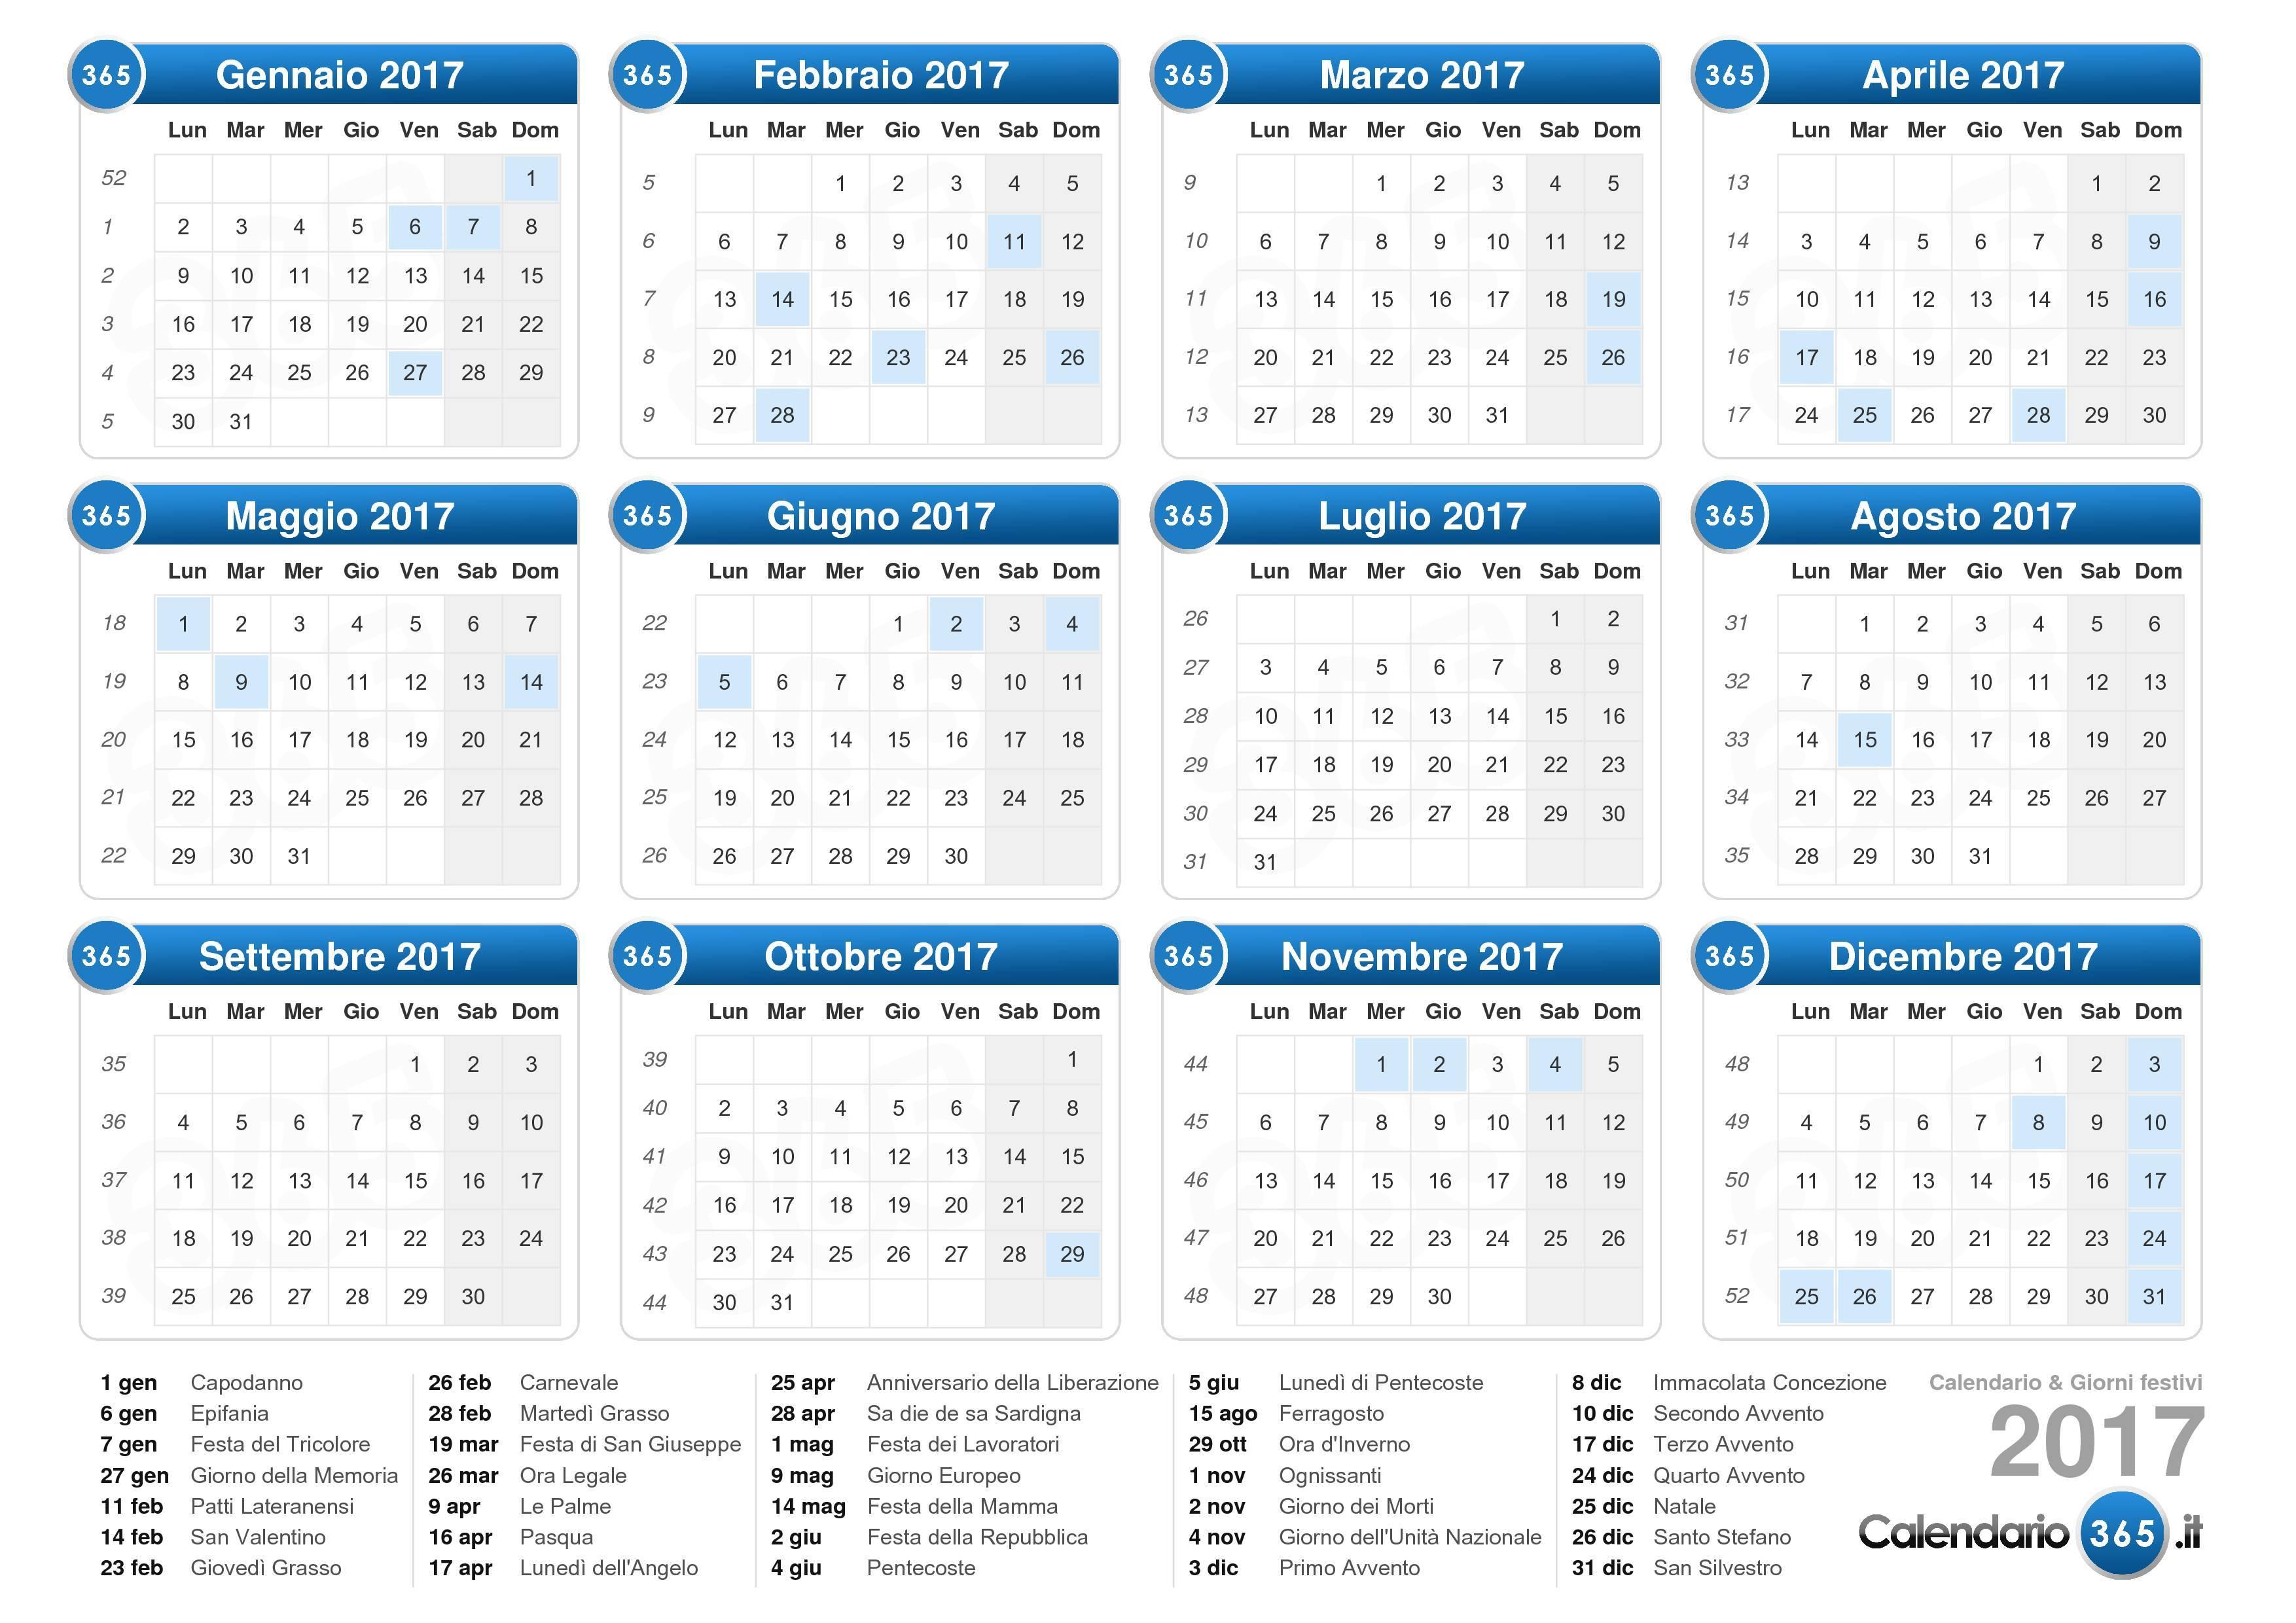 Controllo Calendario Excel 2020.Calendario 2017